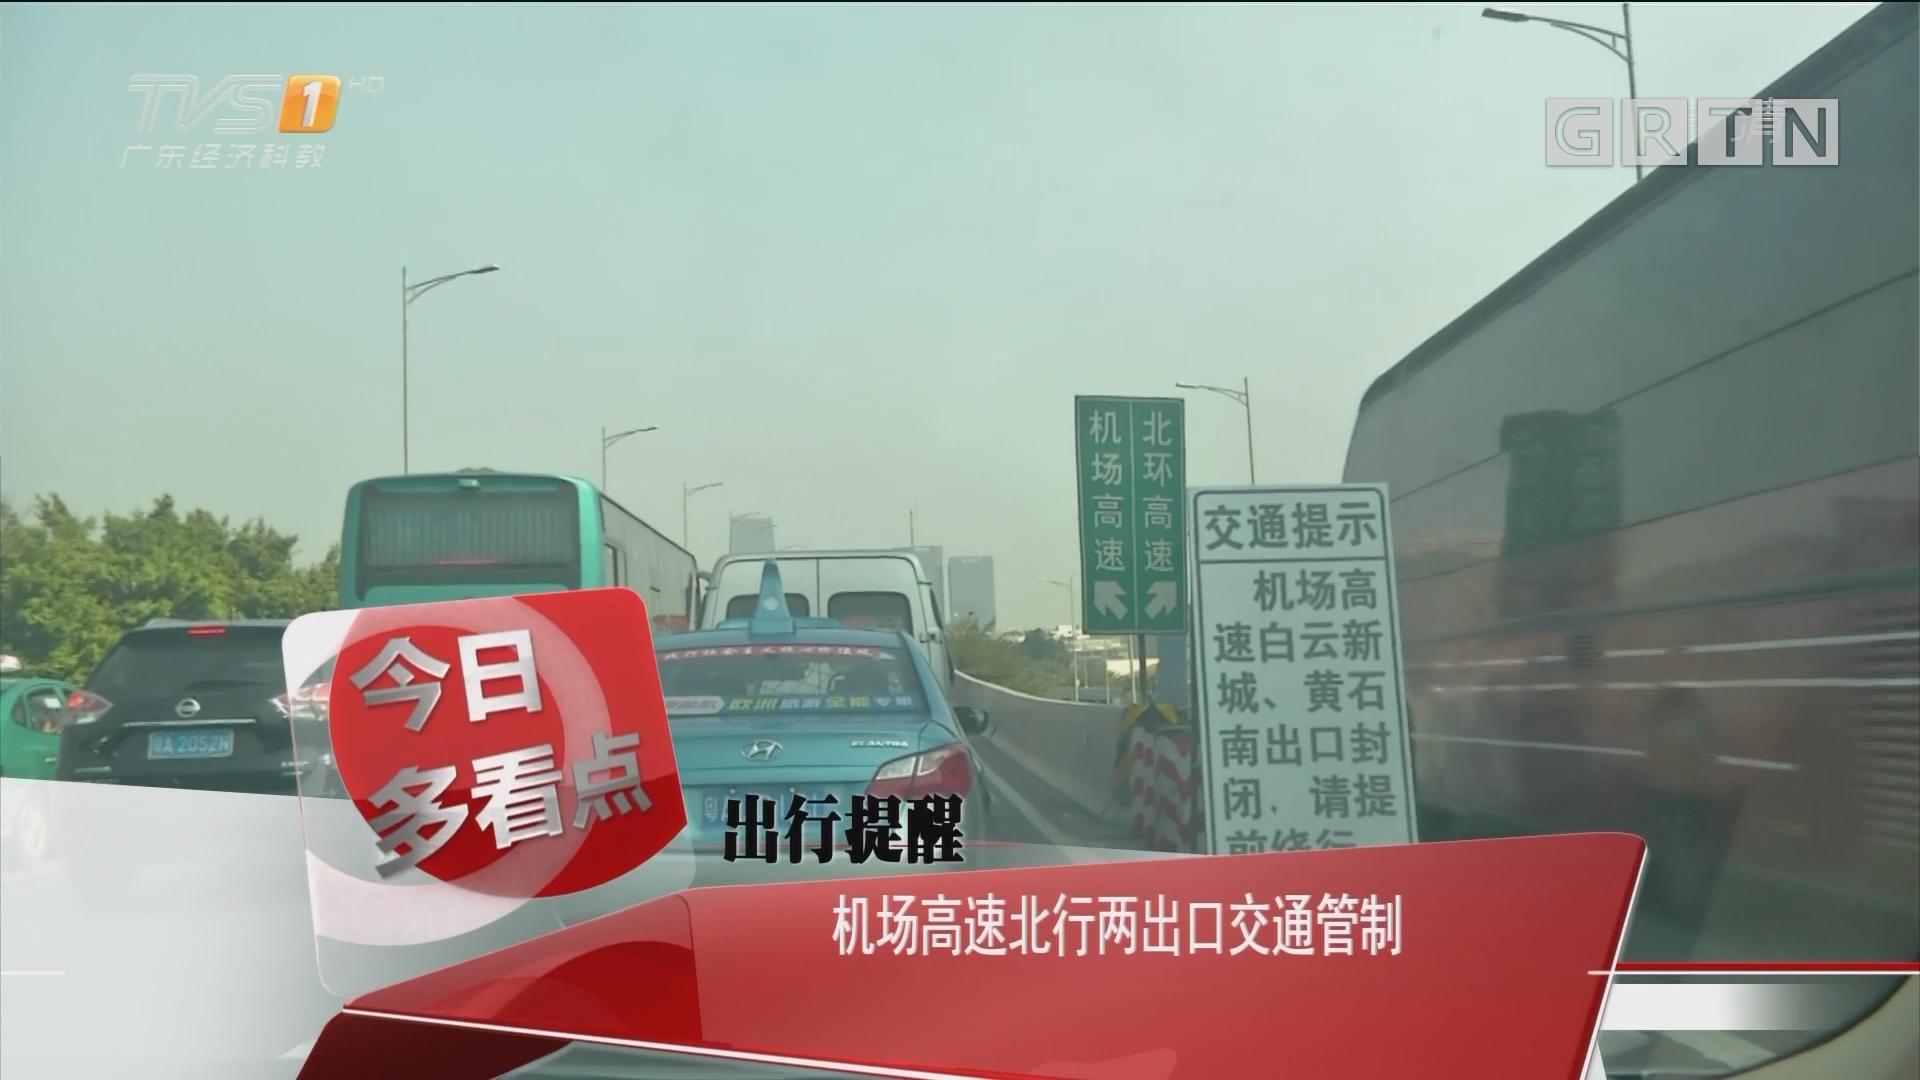 出行提醒:机场高速北行两出口交通管制